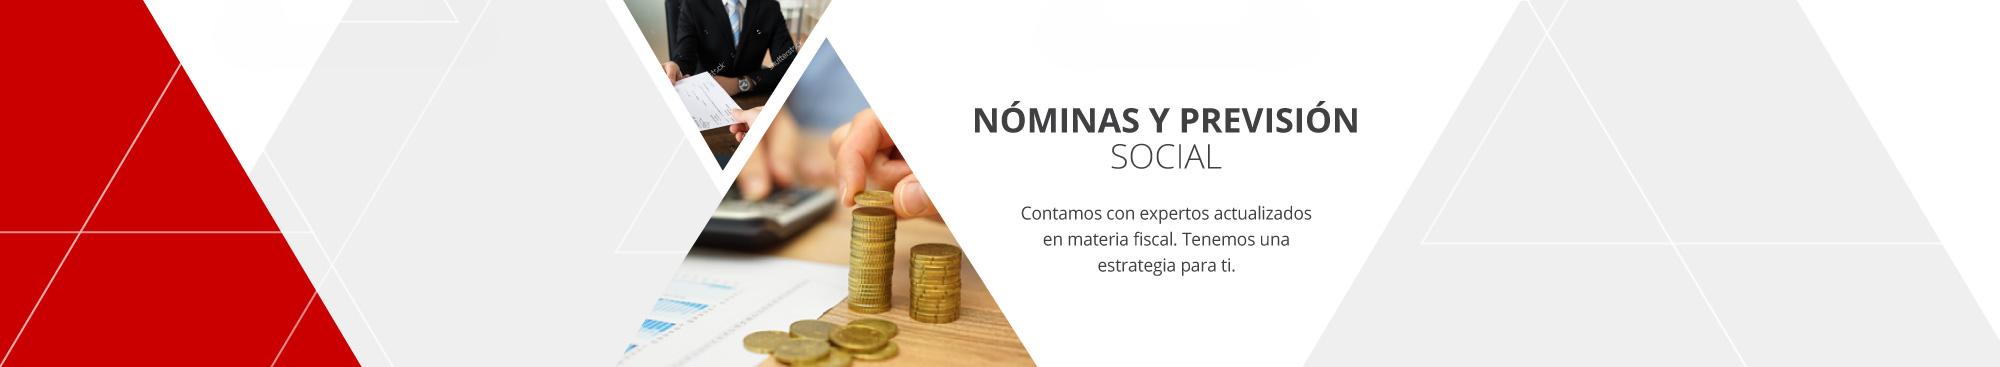 slide-nomina